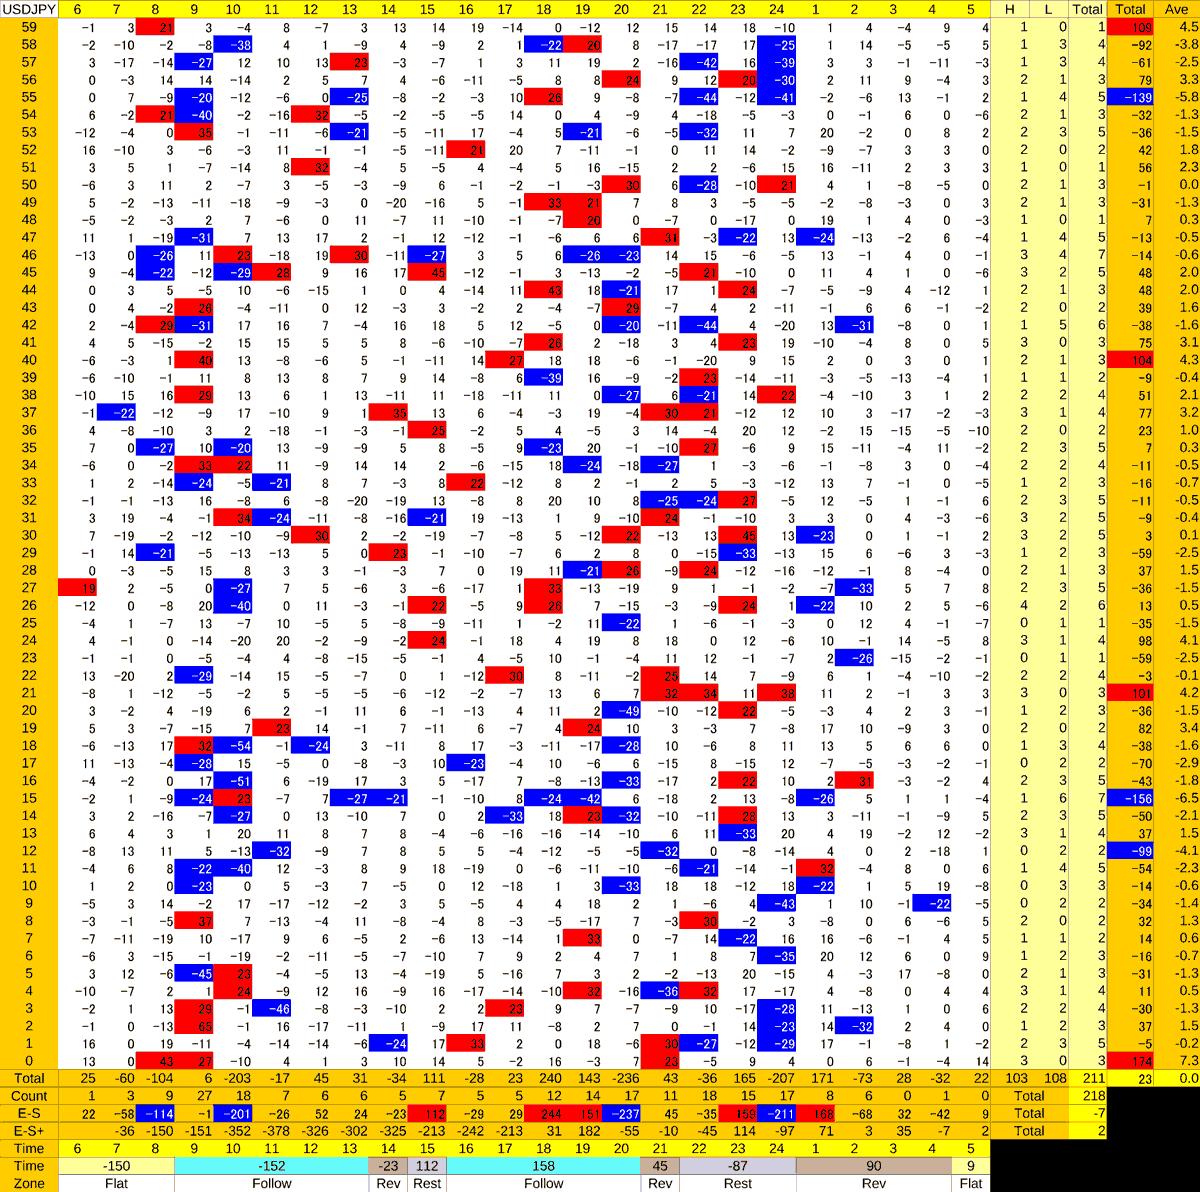 20201110_HS(1)USDJPY